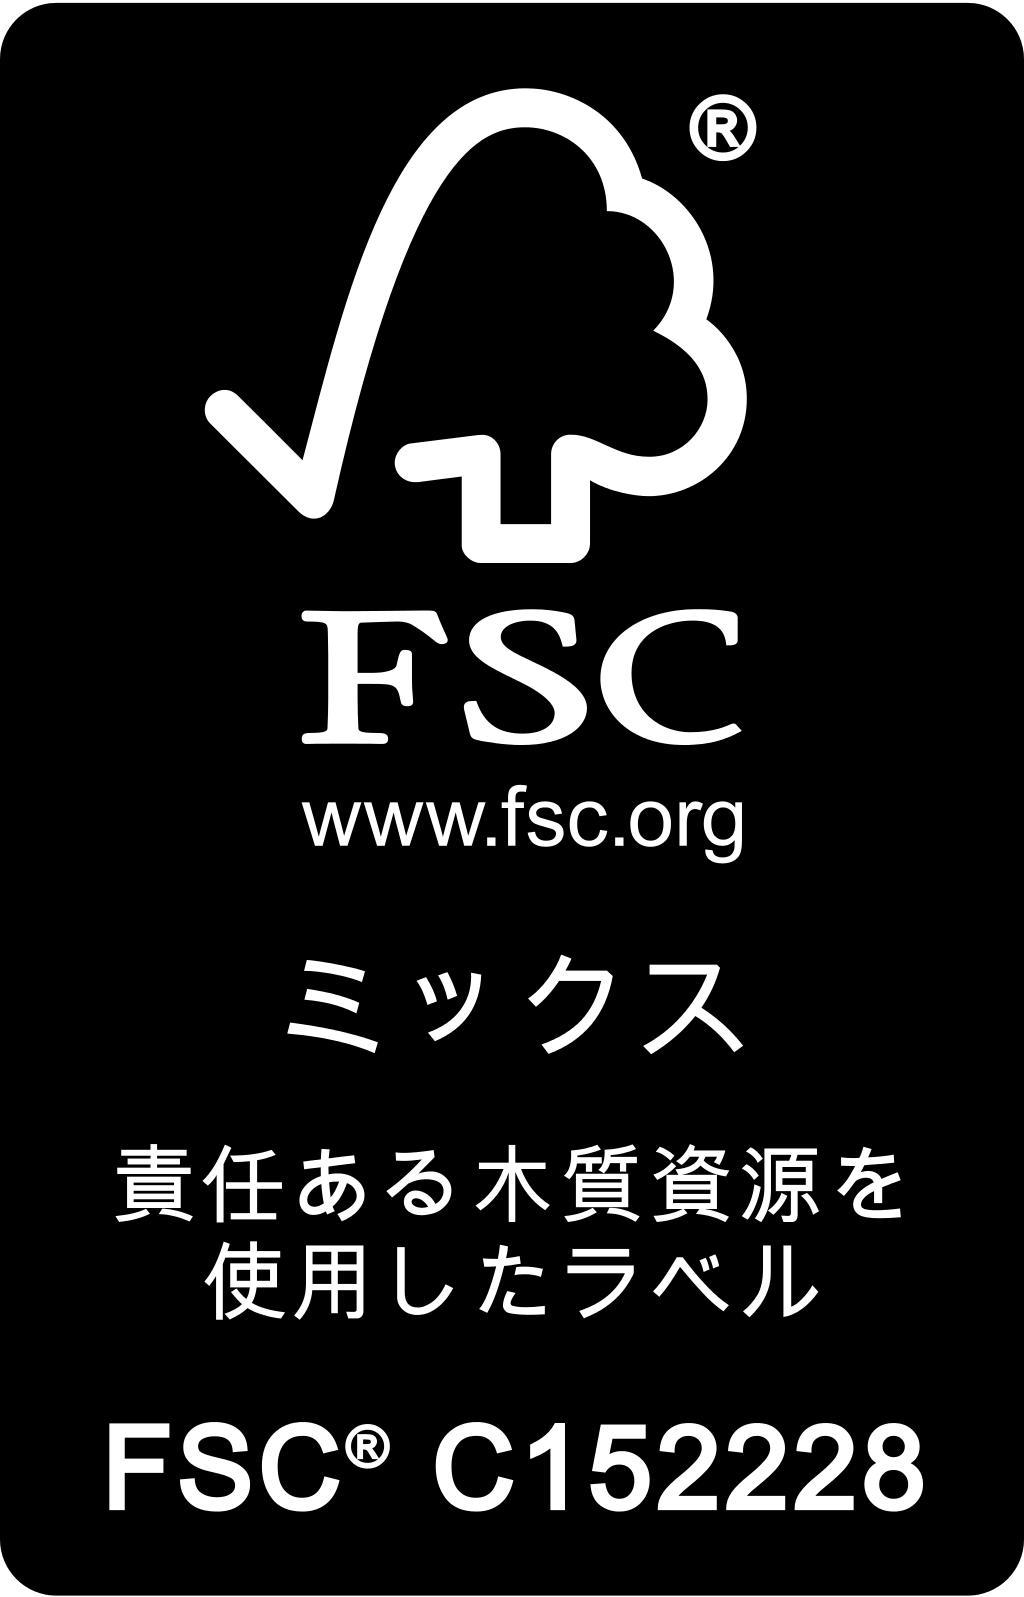 FSC C152228 MIX Label Portrait WhiteOnBlack r eo0uQf